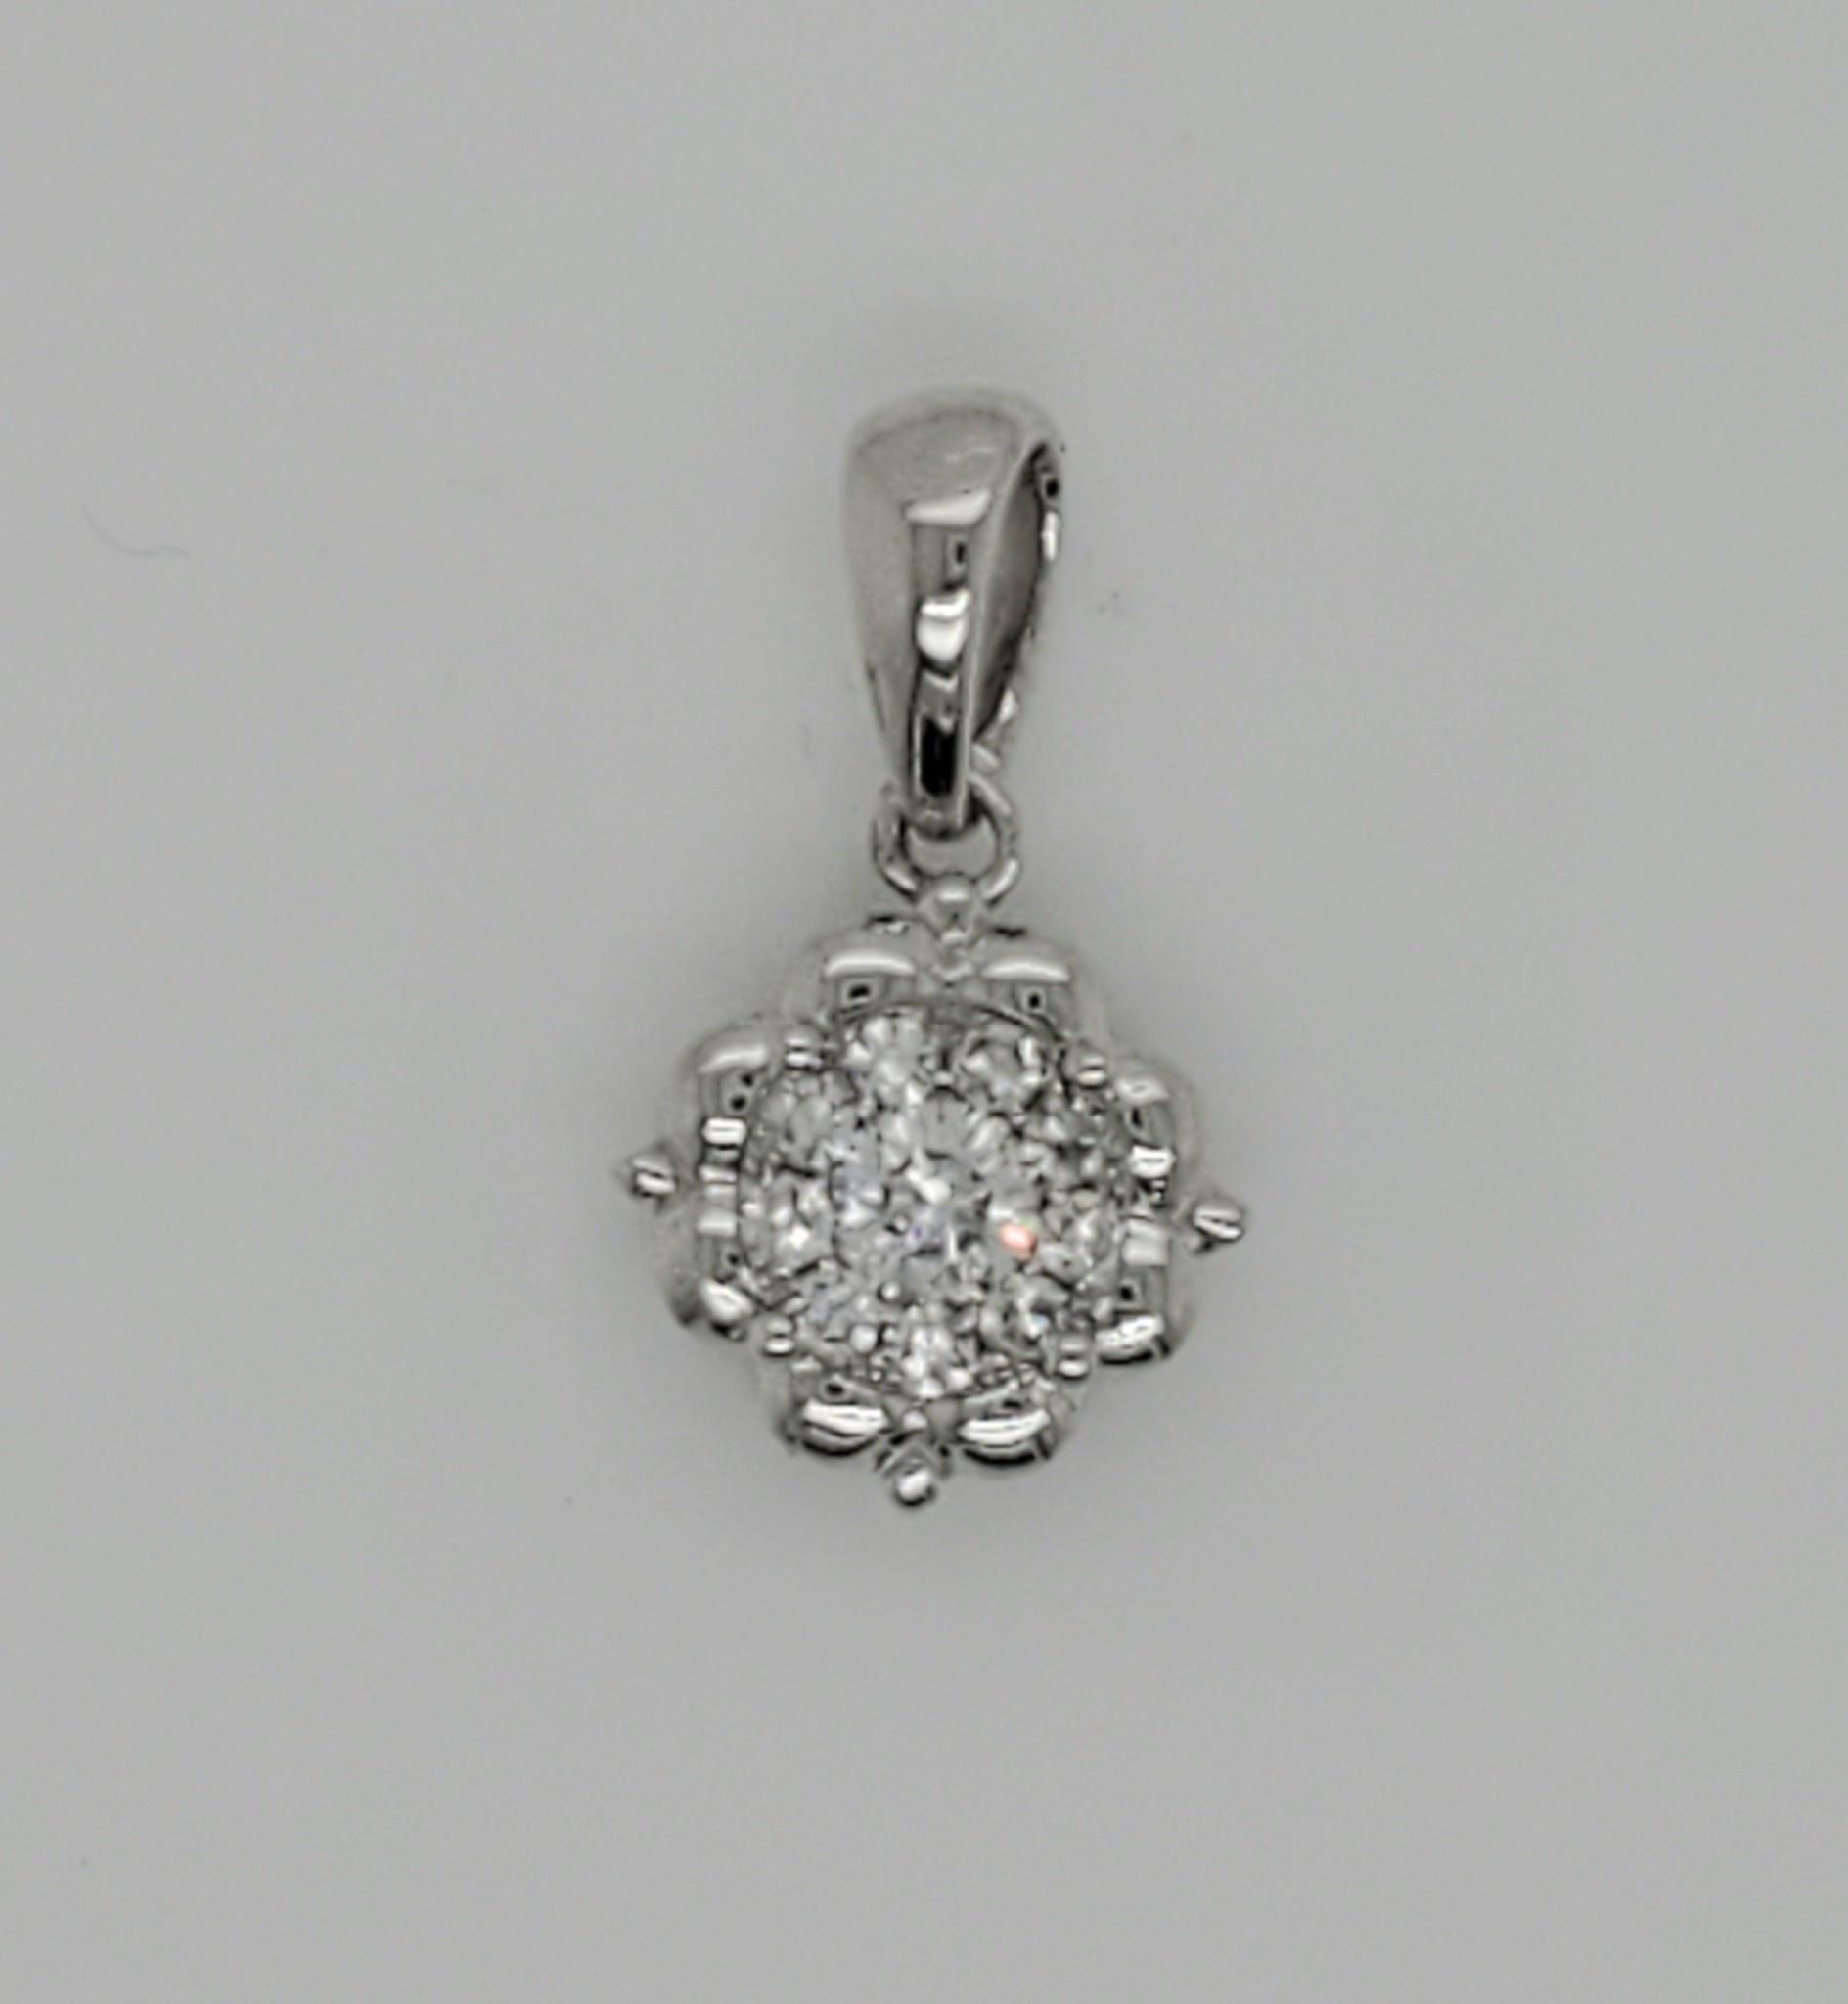 18KT White Gold Diamond Floral Pendant 0.17 CTTW